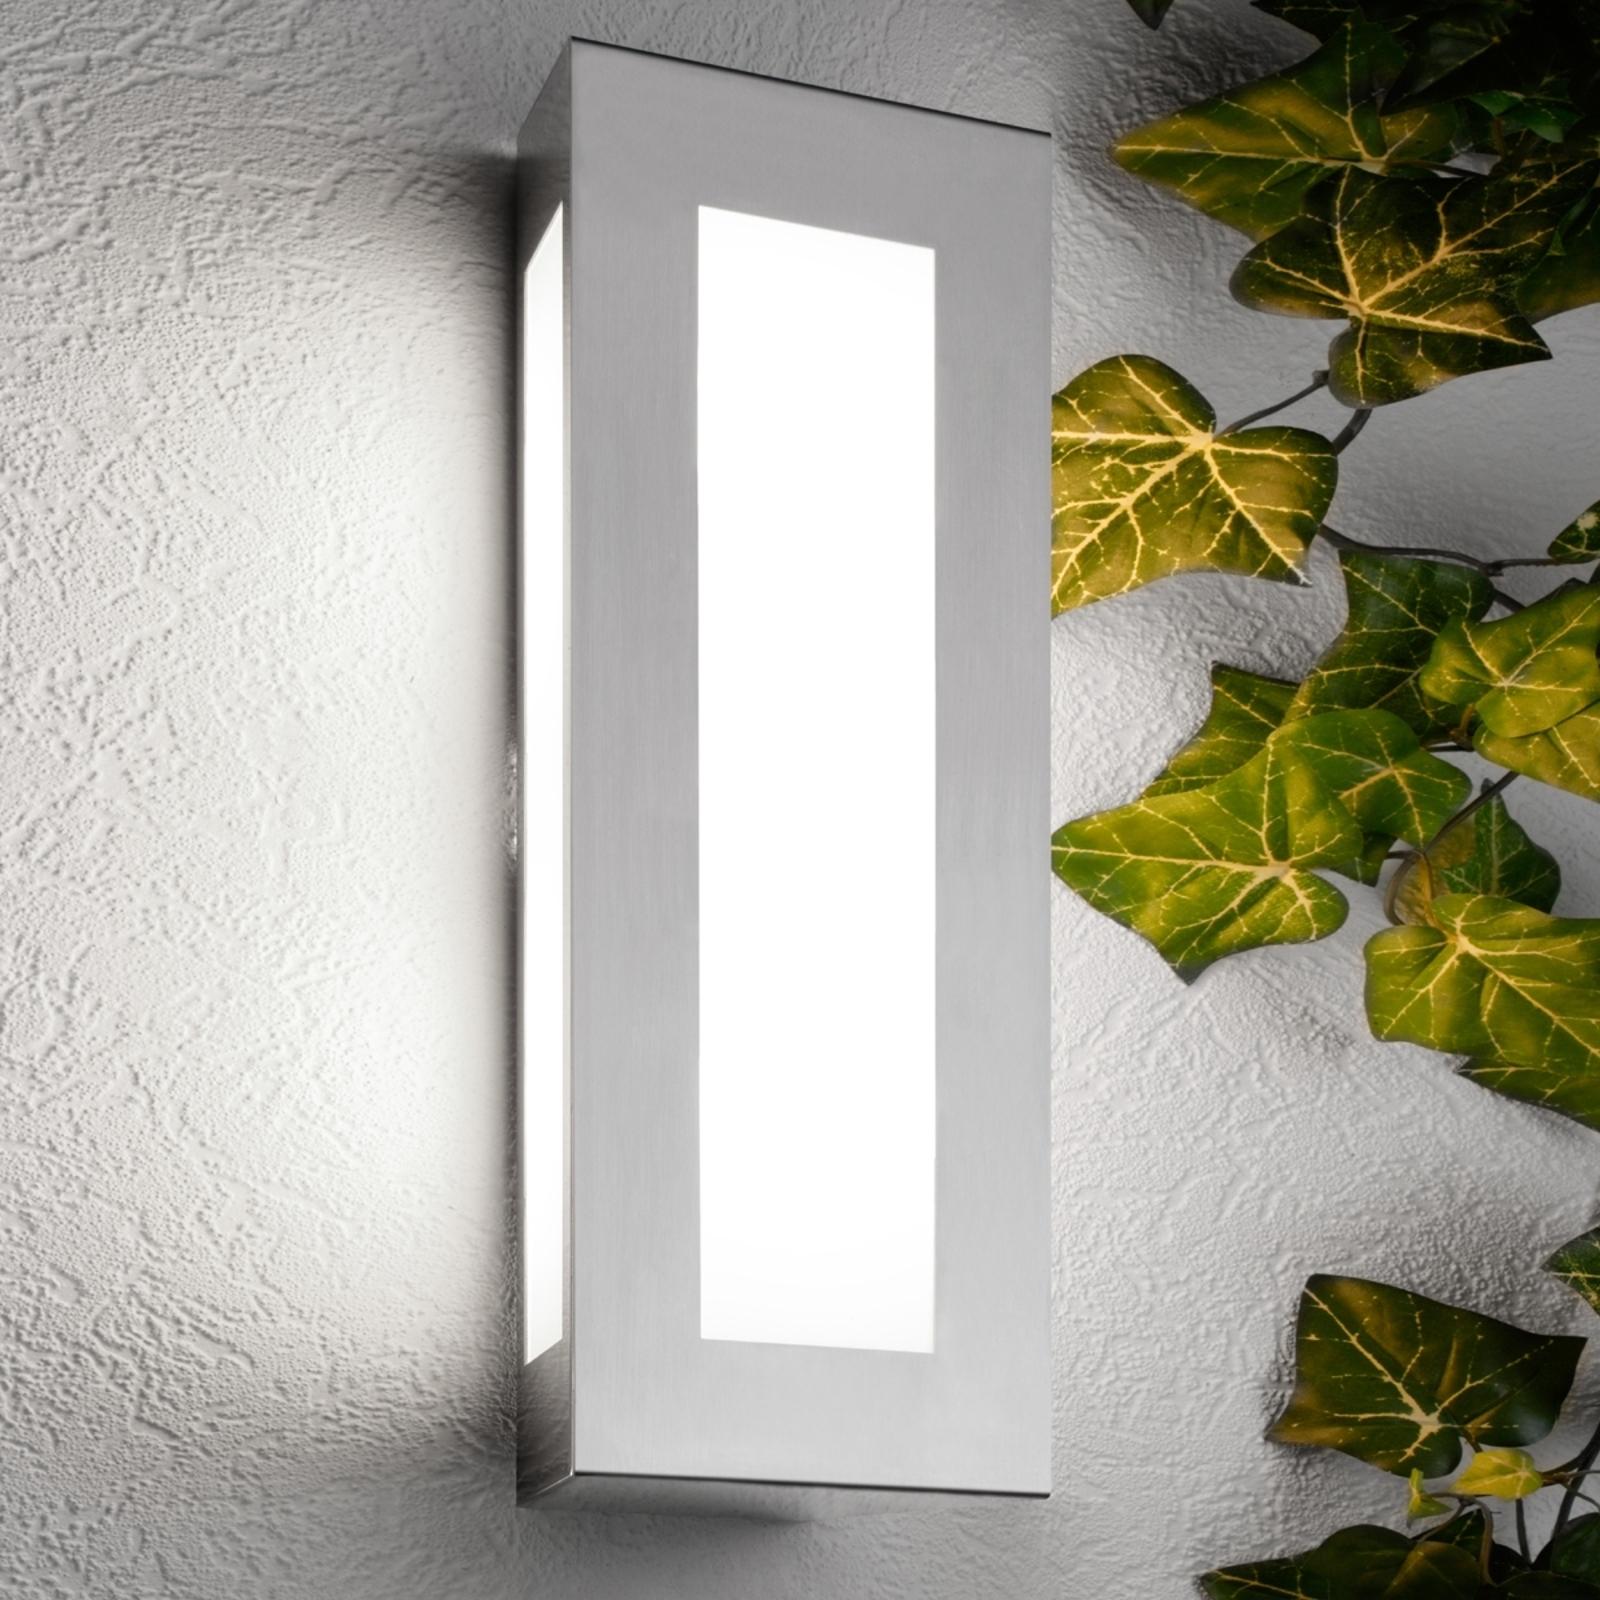 Lampada parete esterni Lija deco senza sensore